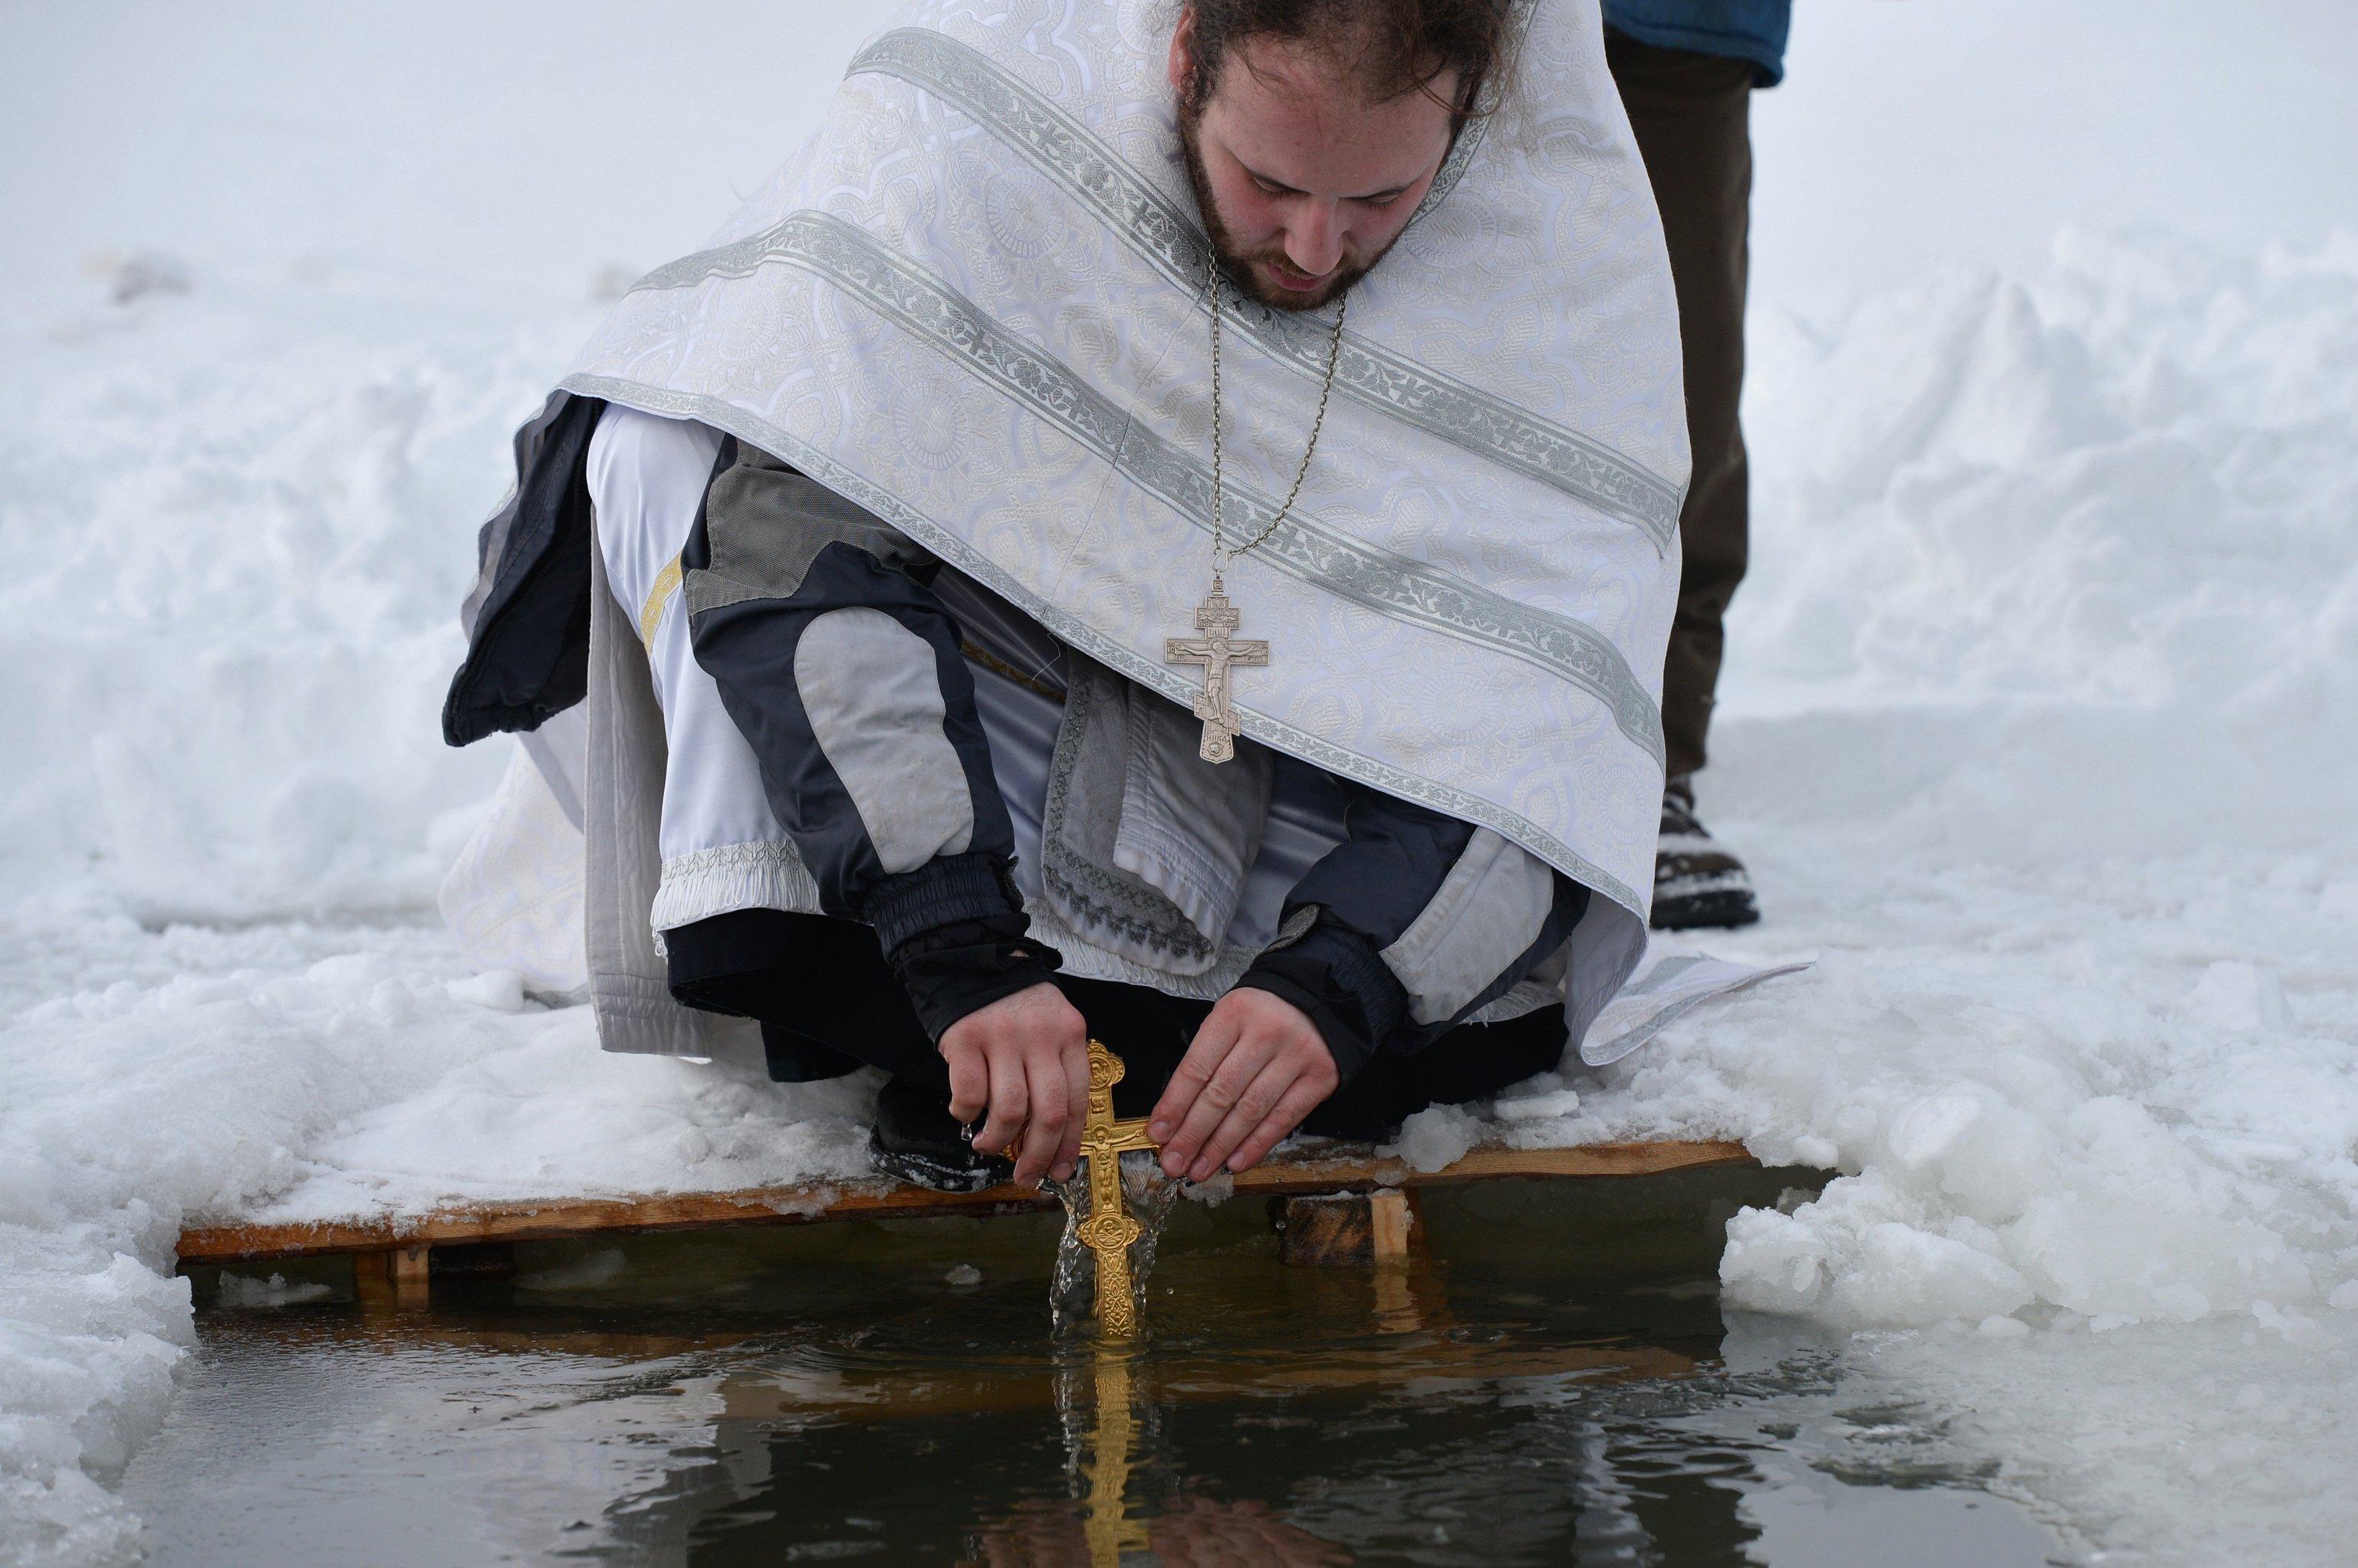 Крещенский сочельник 2017: традиции, обряды и обычаи праздника